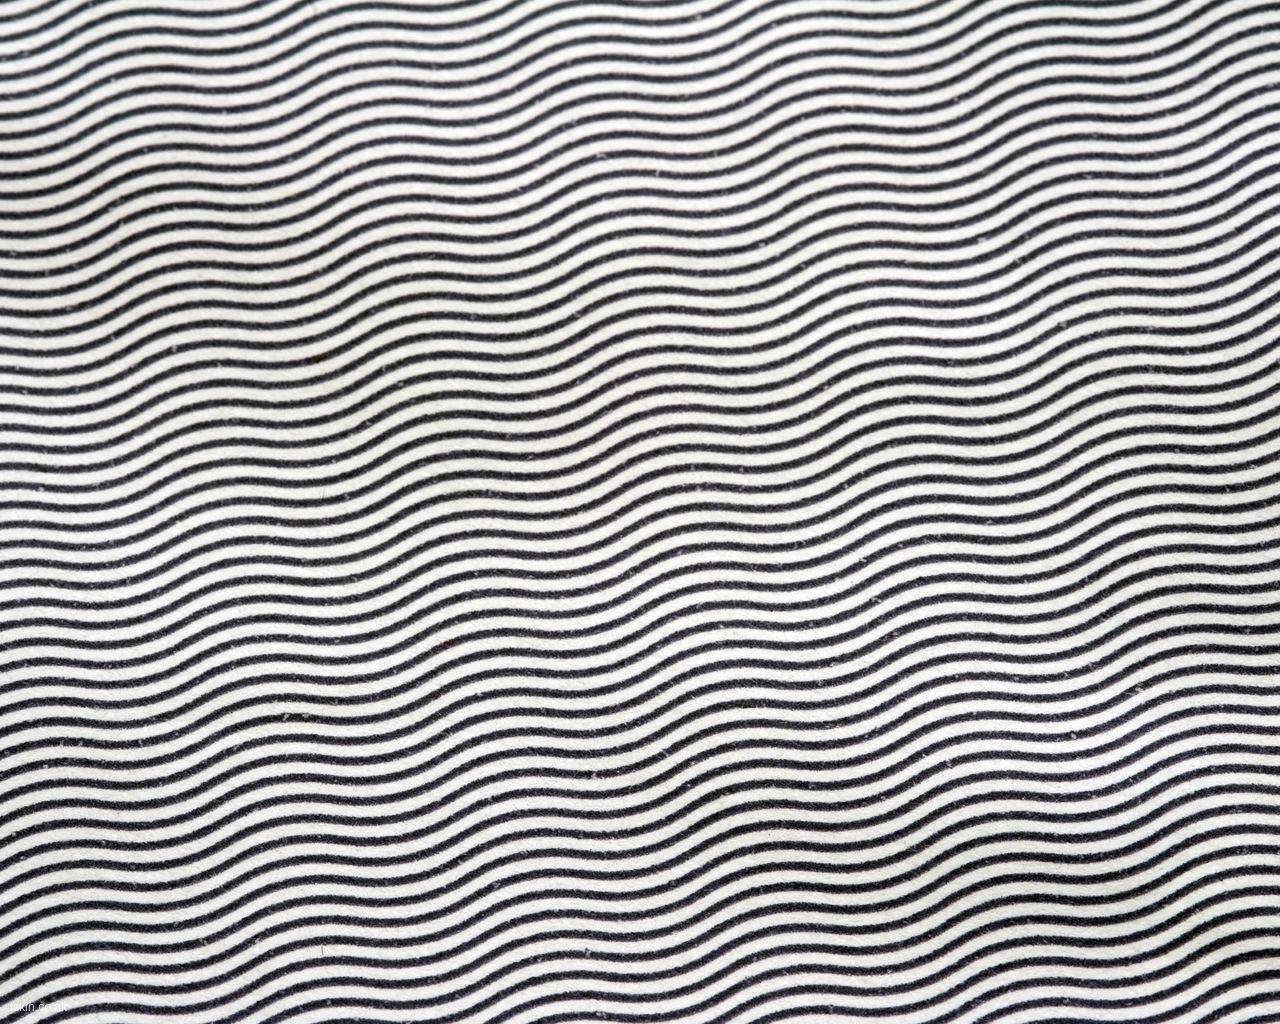 Ocean Waves Line Drawing At Getdrawings